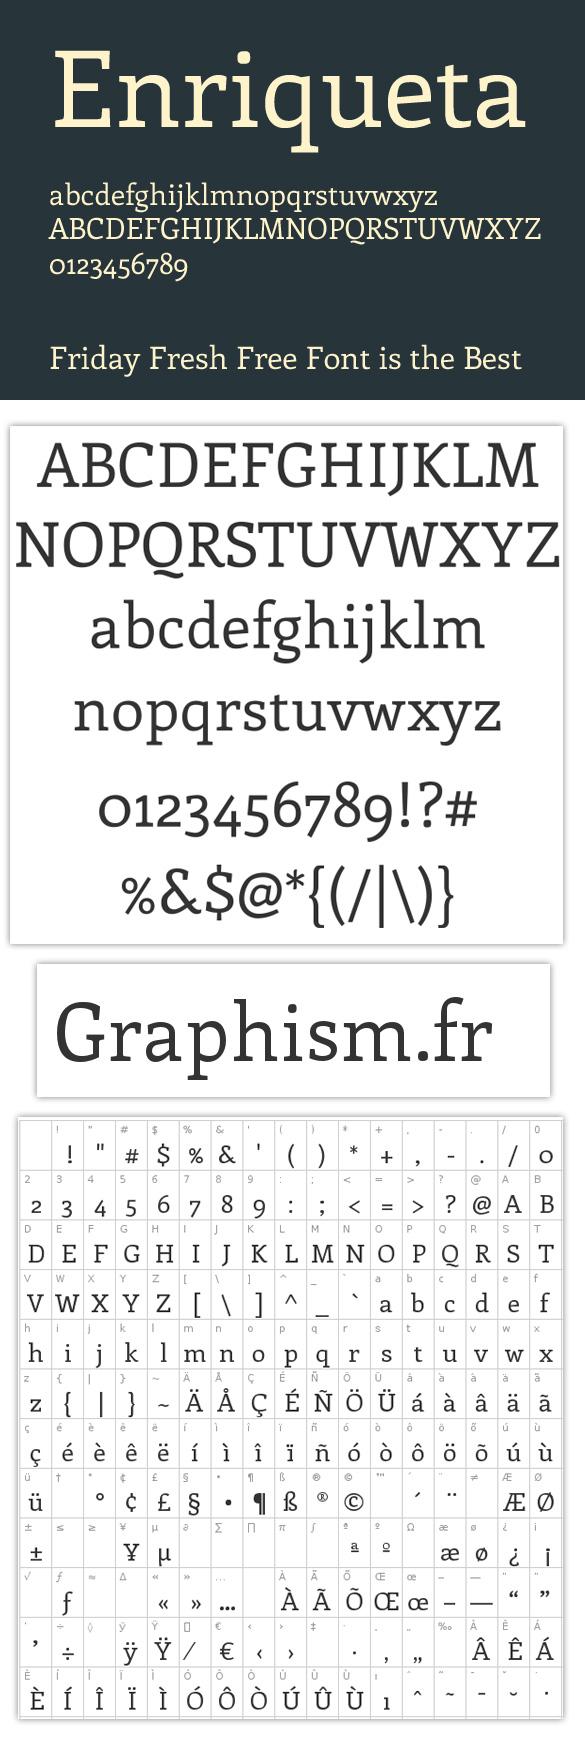 typo Lundi cest typographie avec le caractère Enriqueta!